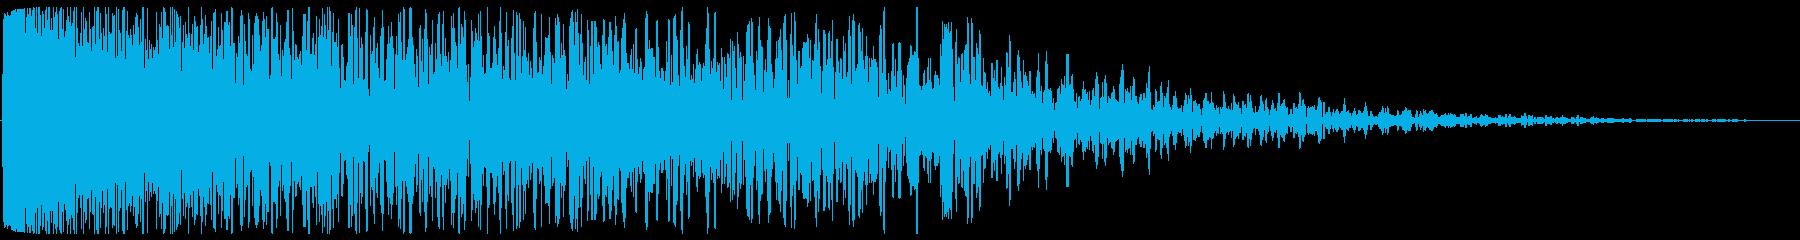 チューン(発射系の音)長めの再生済みの波形